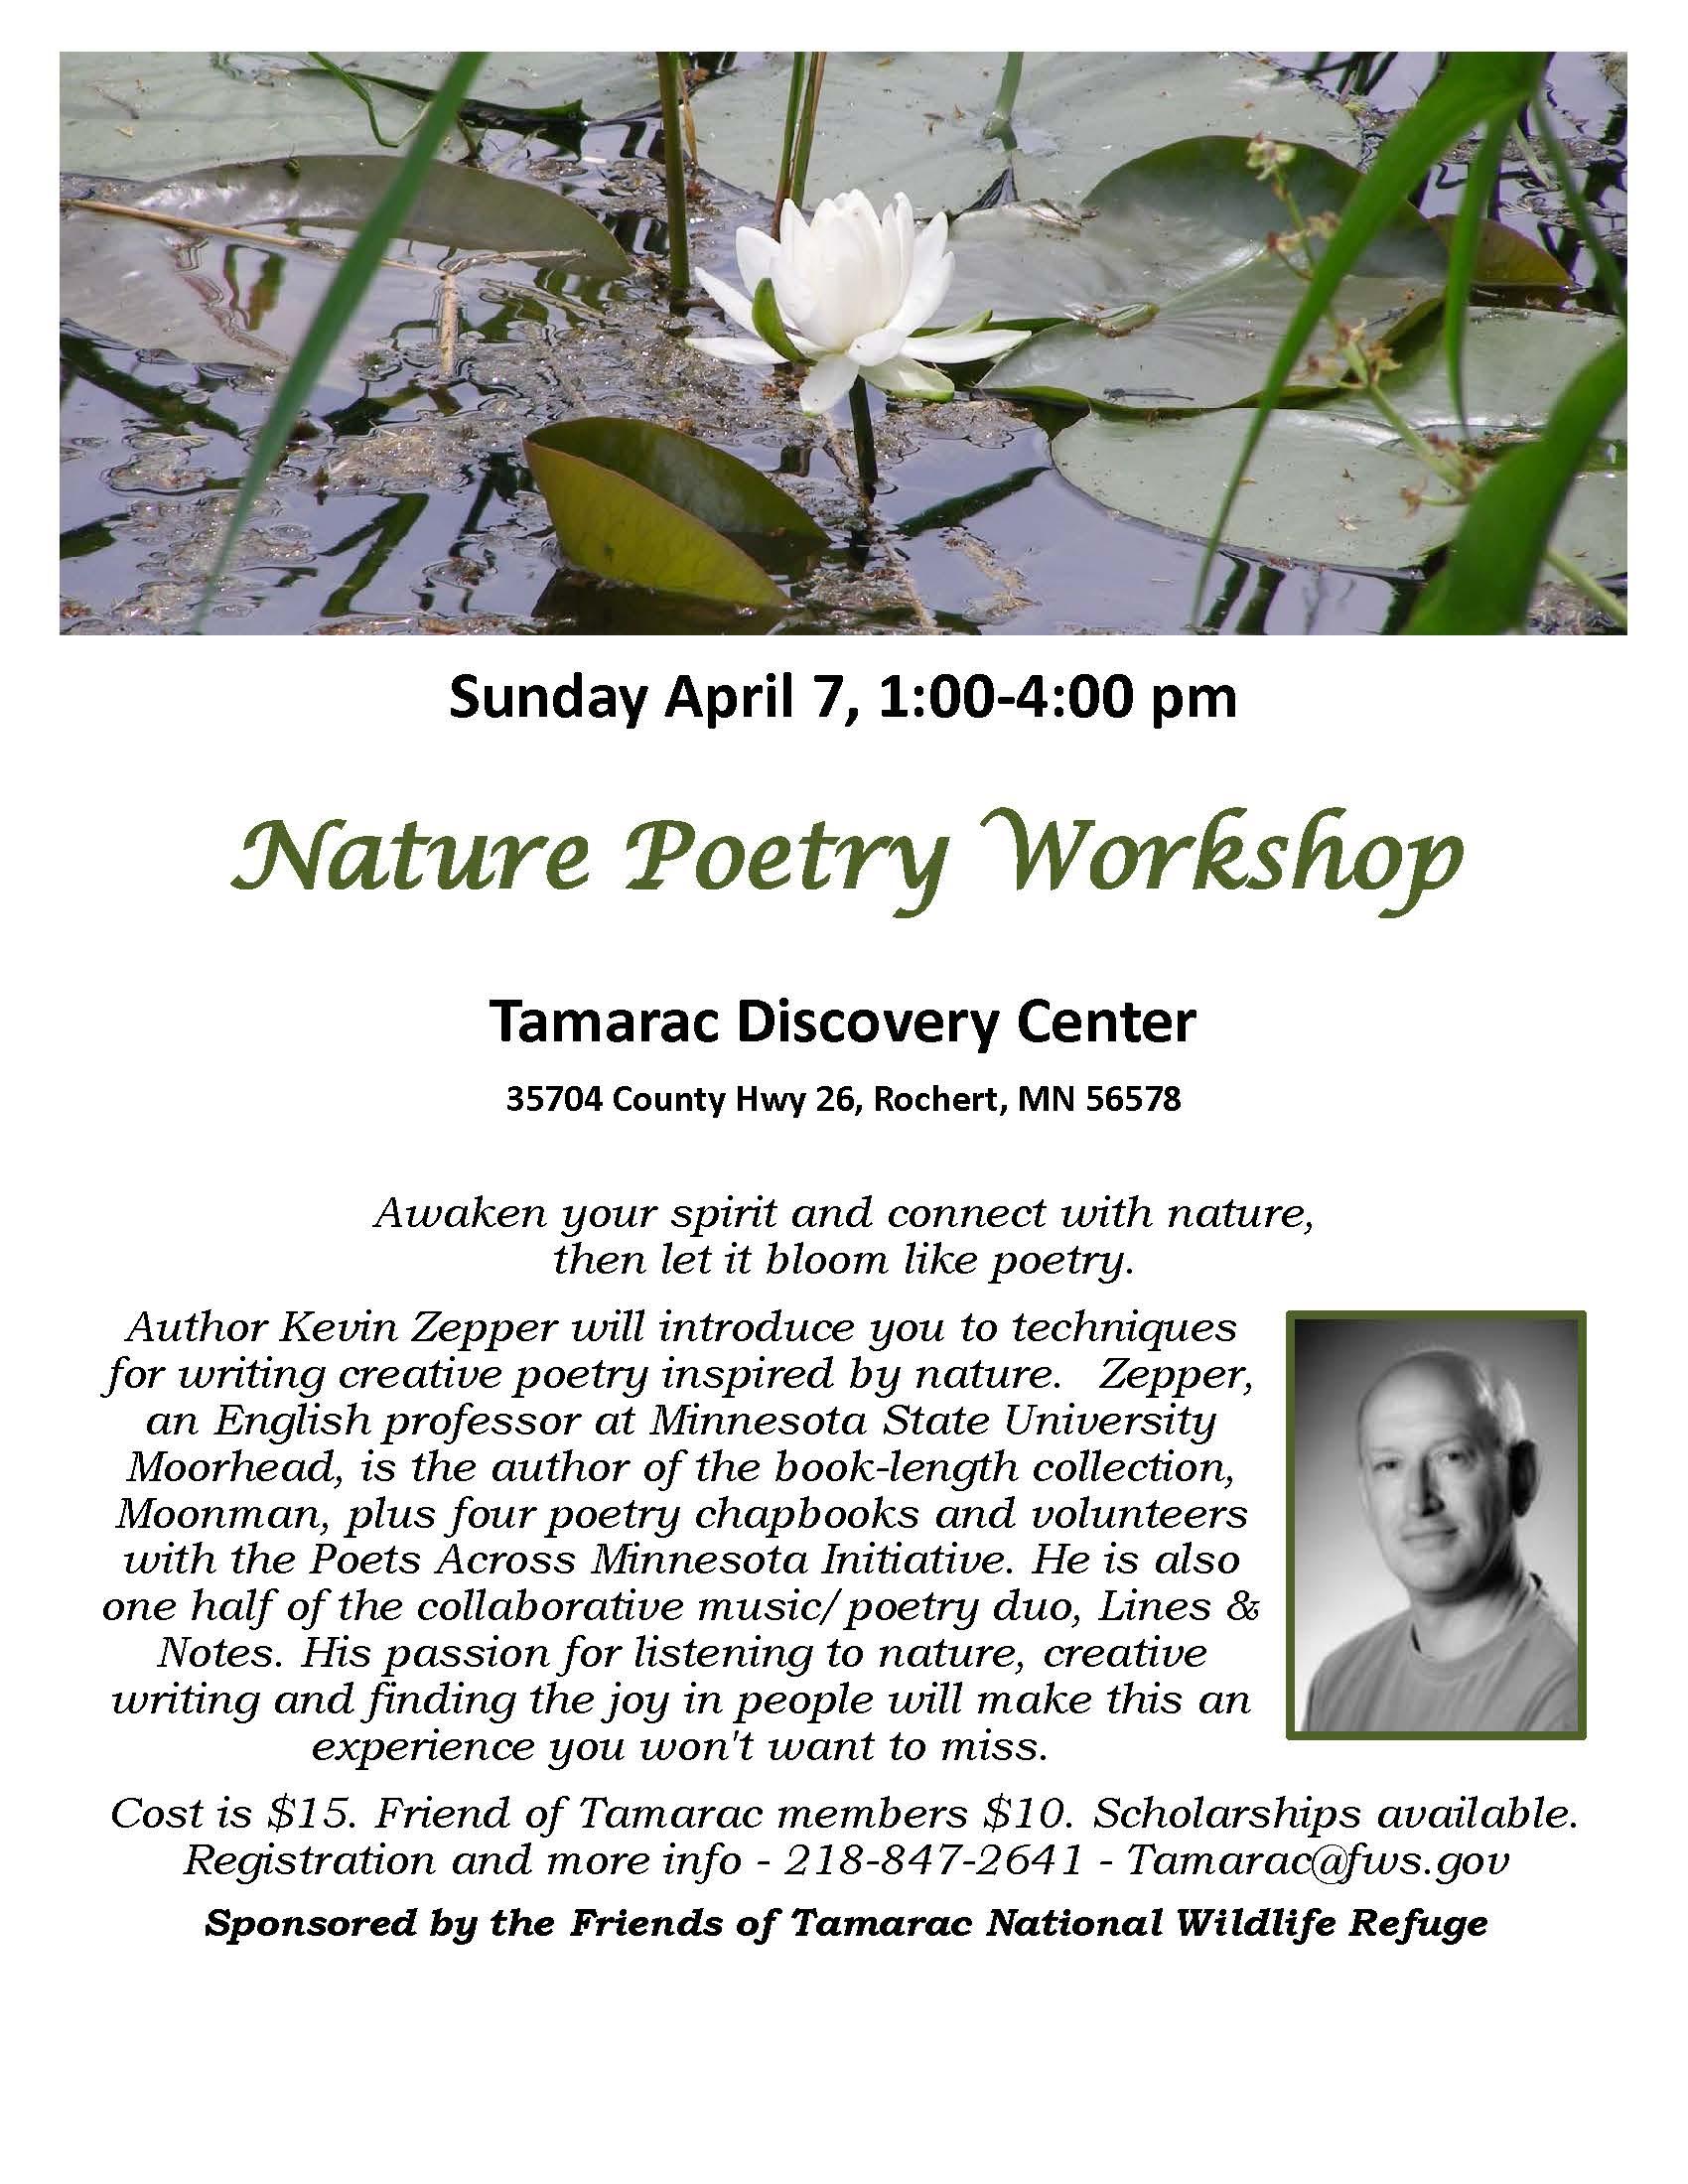 Nature Poetry Workshop.jpg